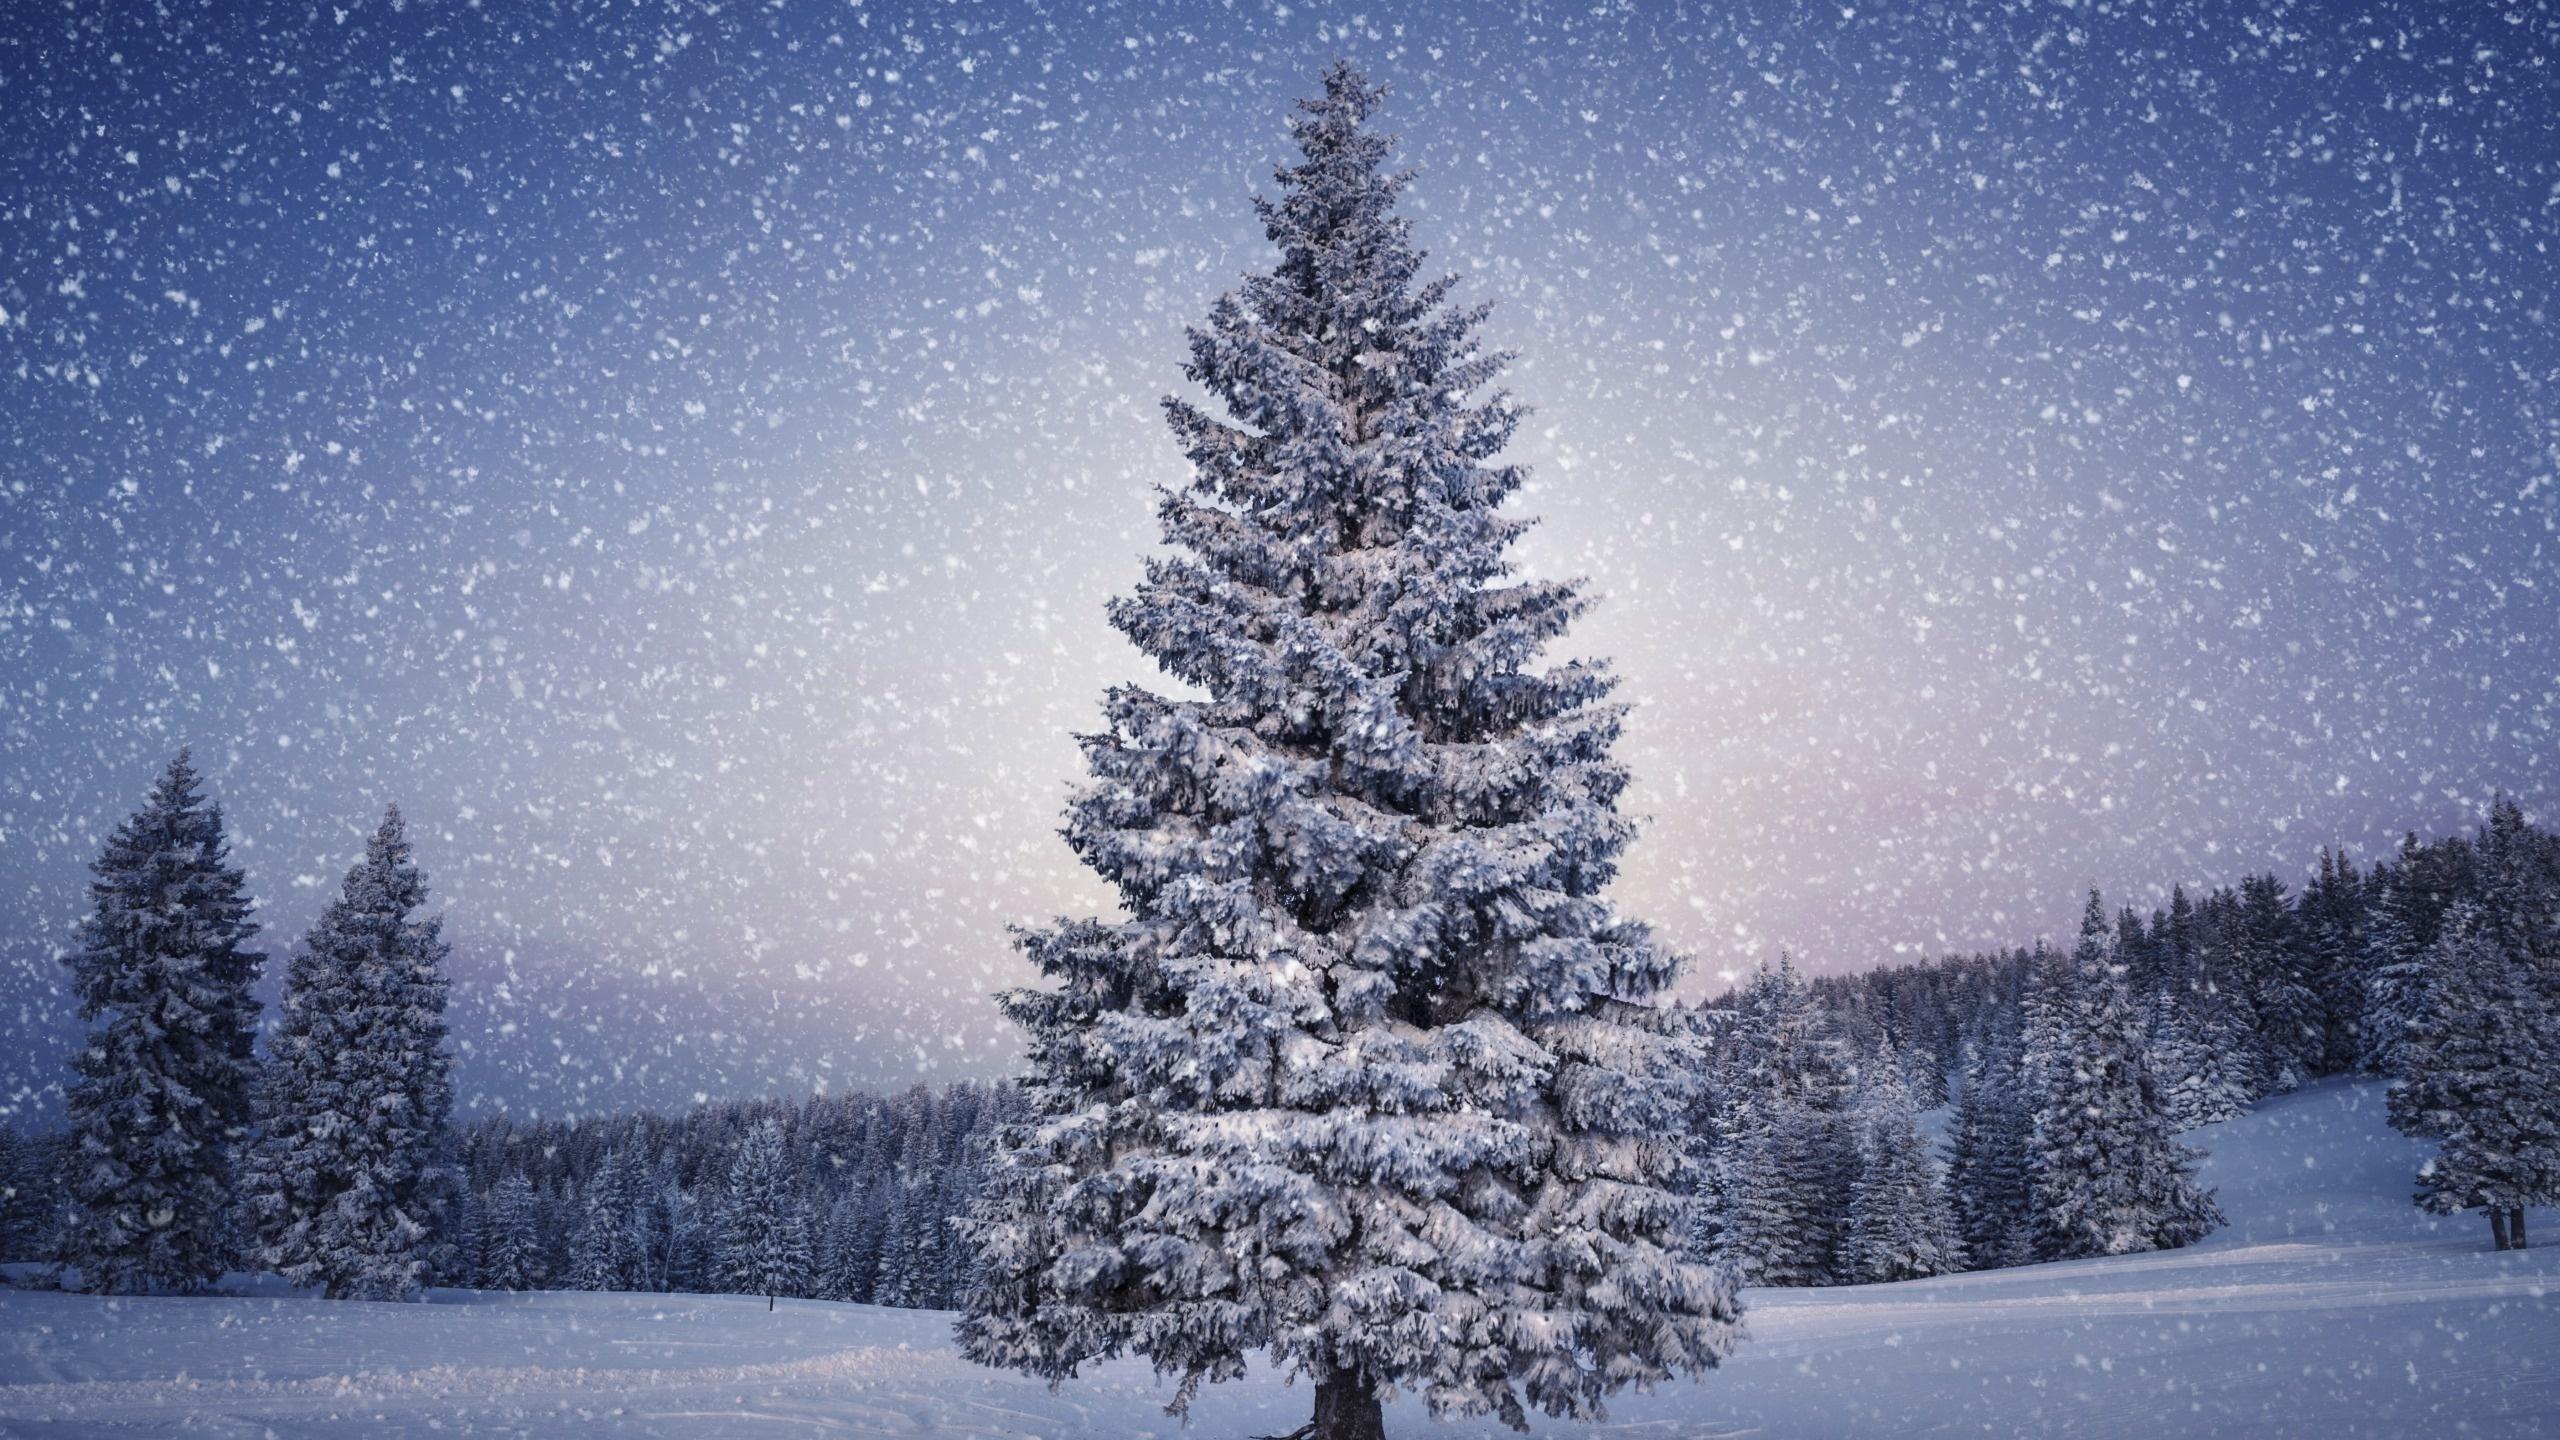 Картинки снег идет, прикольные картинки телята